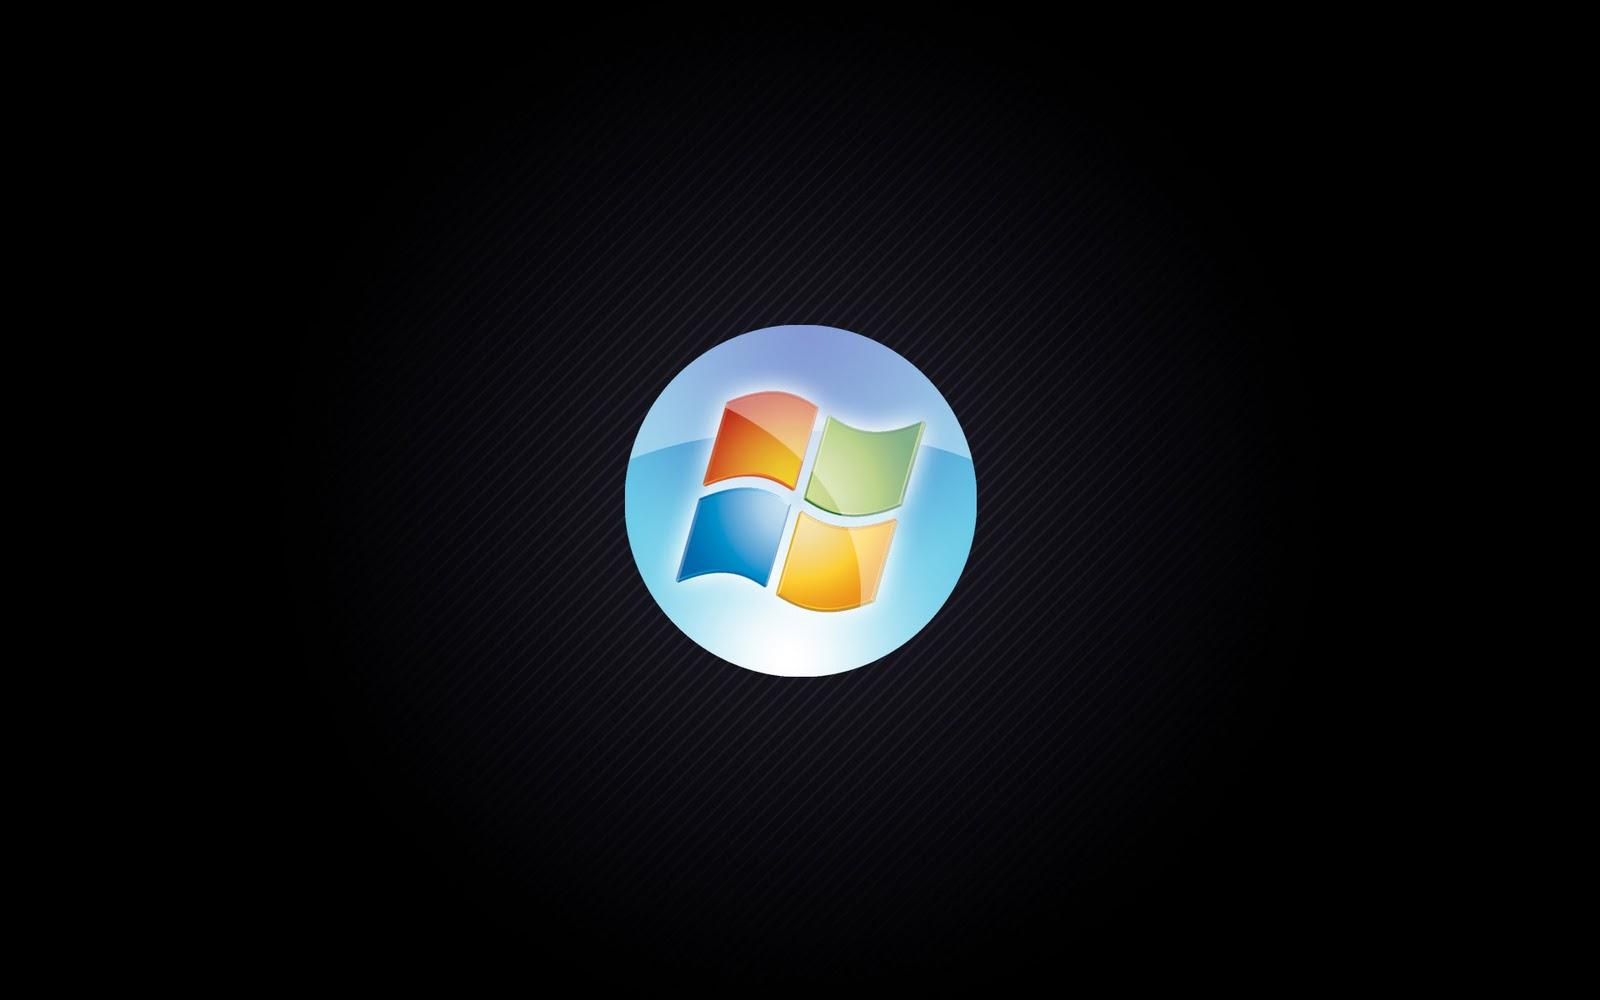 http://1.bp.blogspot.com/-z1sw8iYnhLM/TWZ-nksWZaI/AAAAAAAAAmk/LNVOlQZ-nUM/s1600/Vista+Wallpaper+%252863%2529.jpg